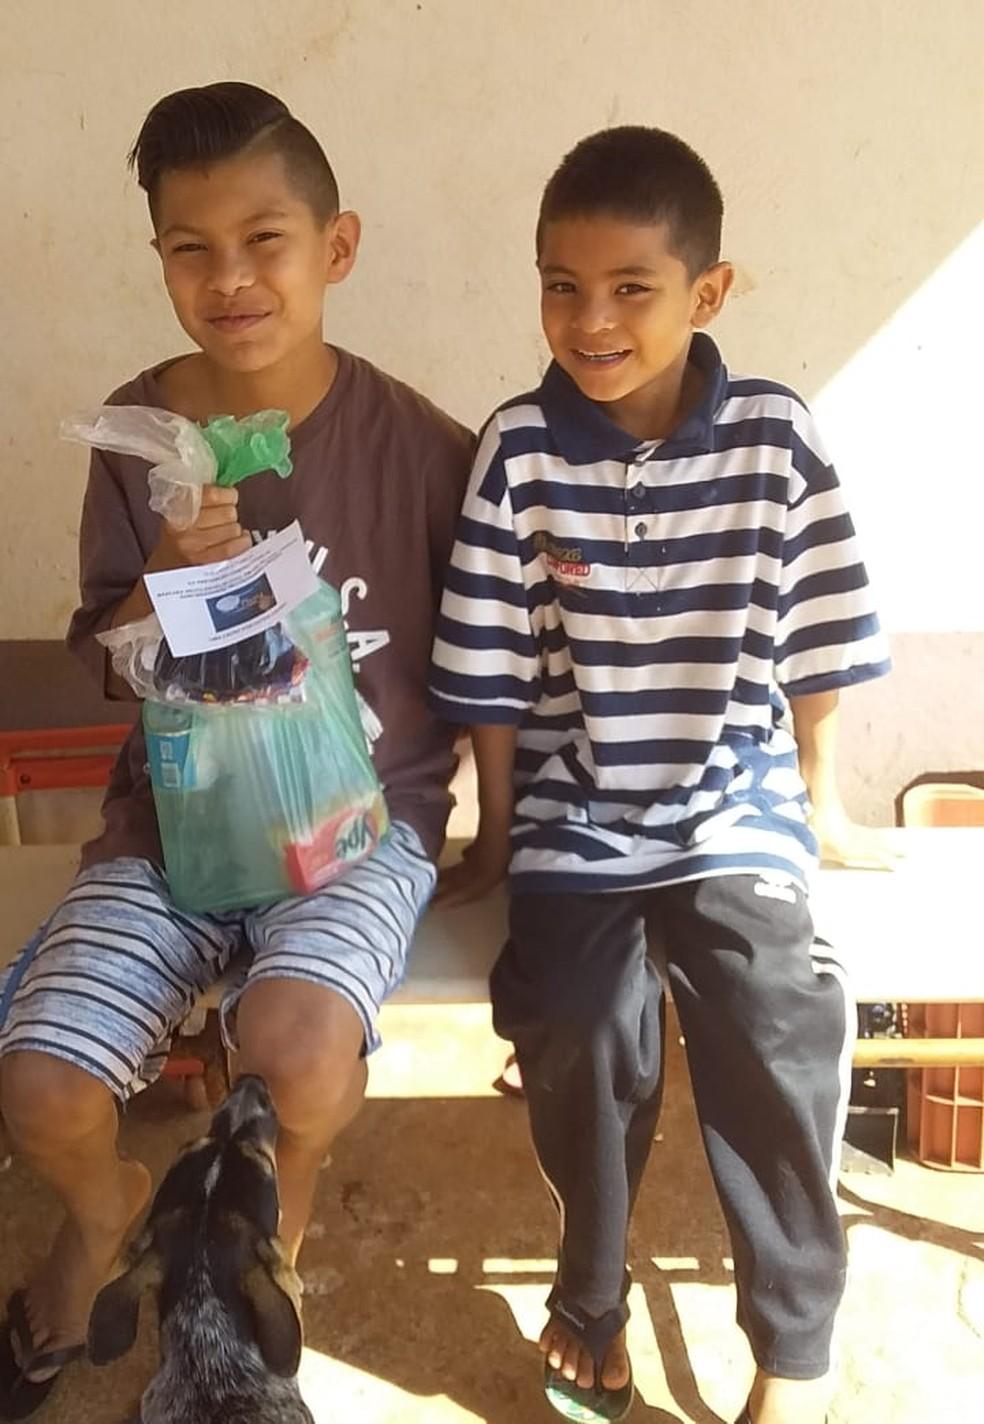 """Campanha """"Uma causa por outra causa"""" foi realizada neste domingo (9) na aldeia em Avaí — Foto: Arquivo pessoal/Tiago Nhandewa"""